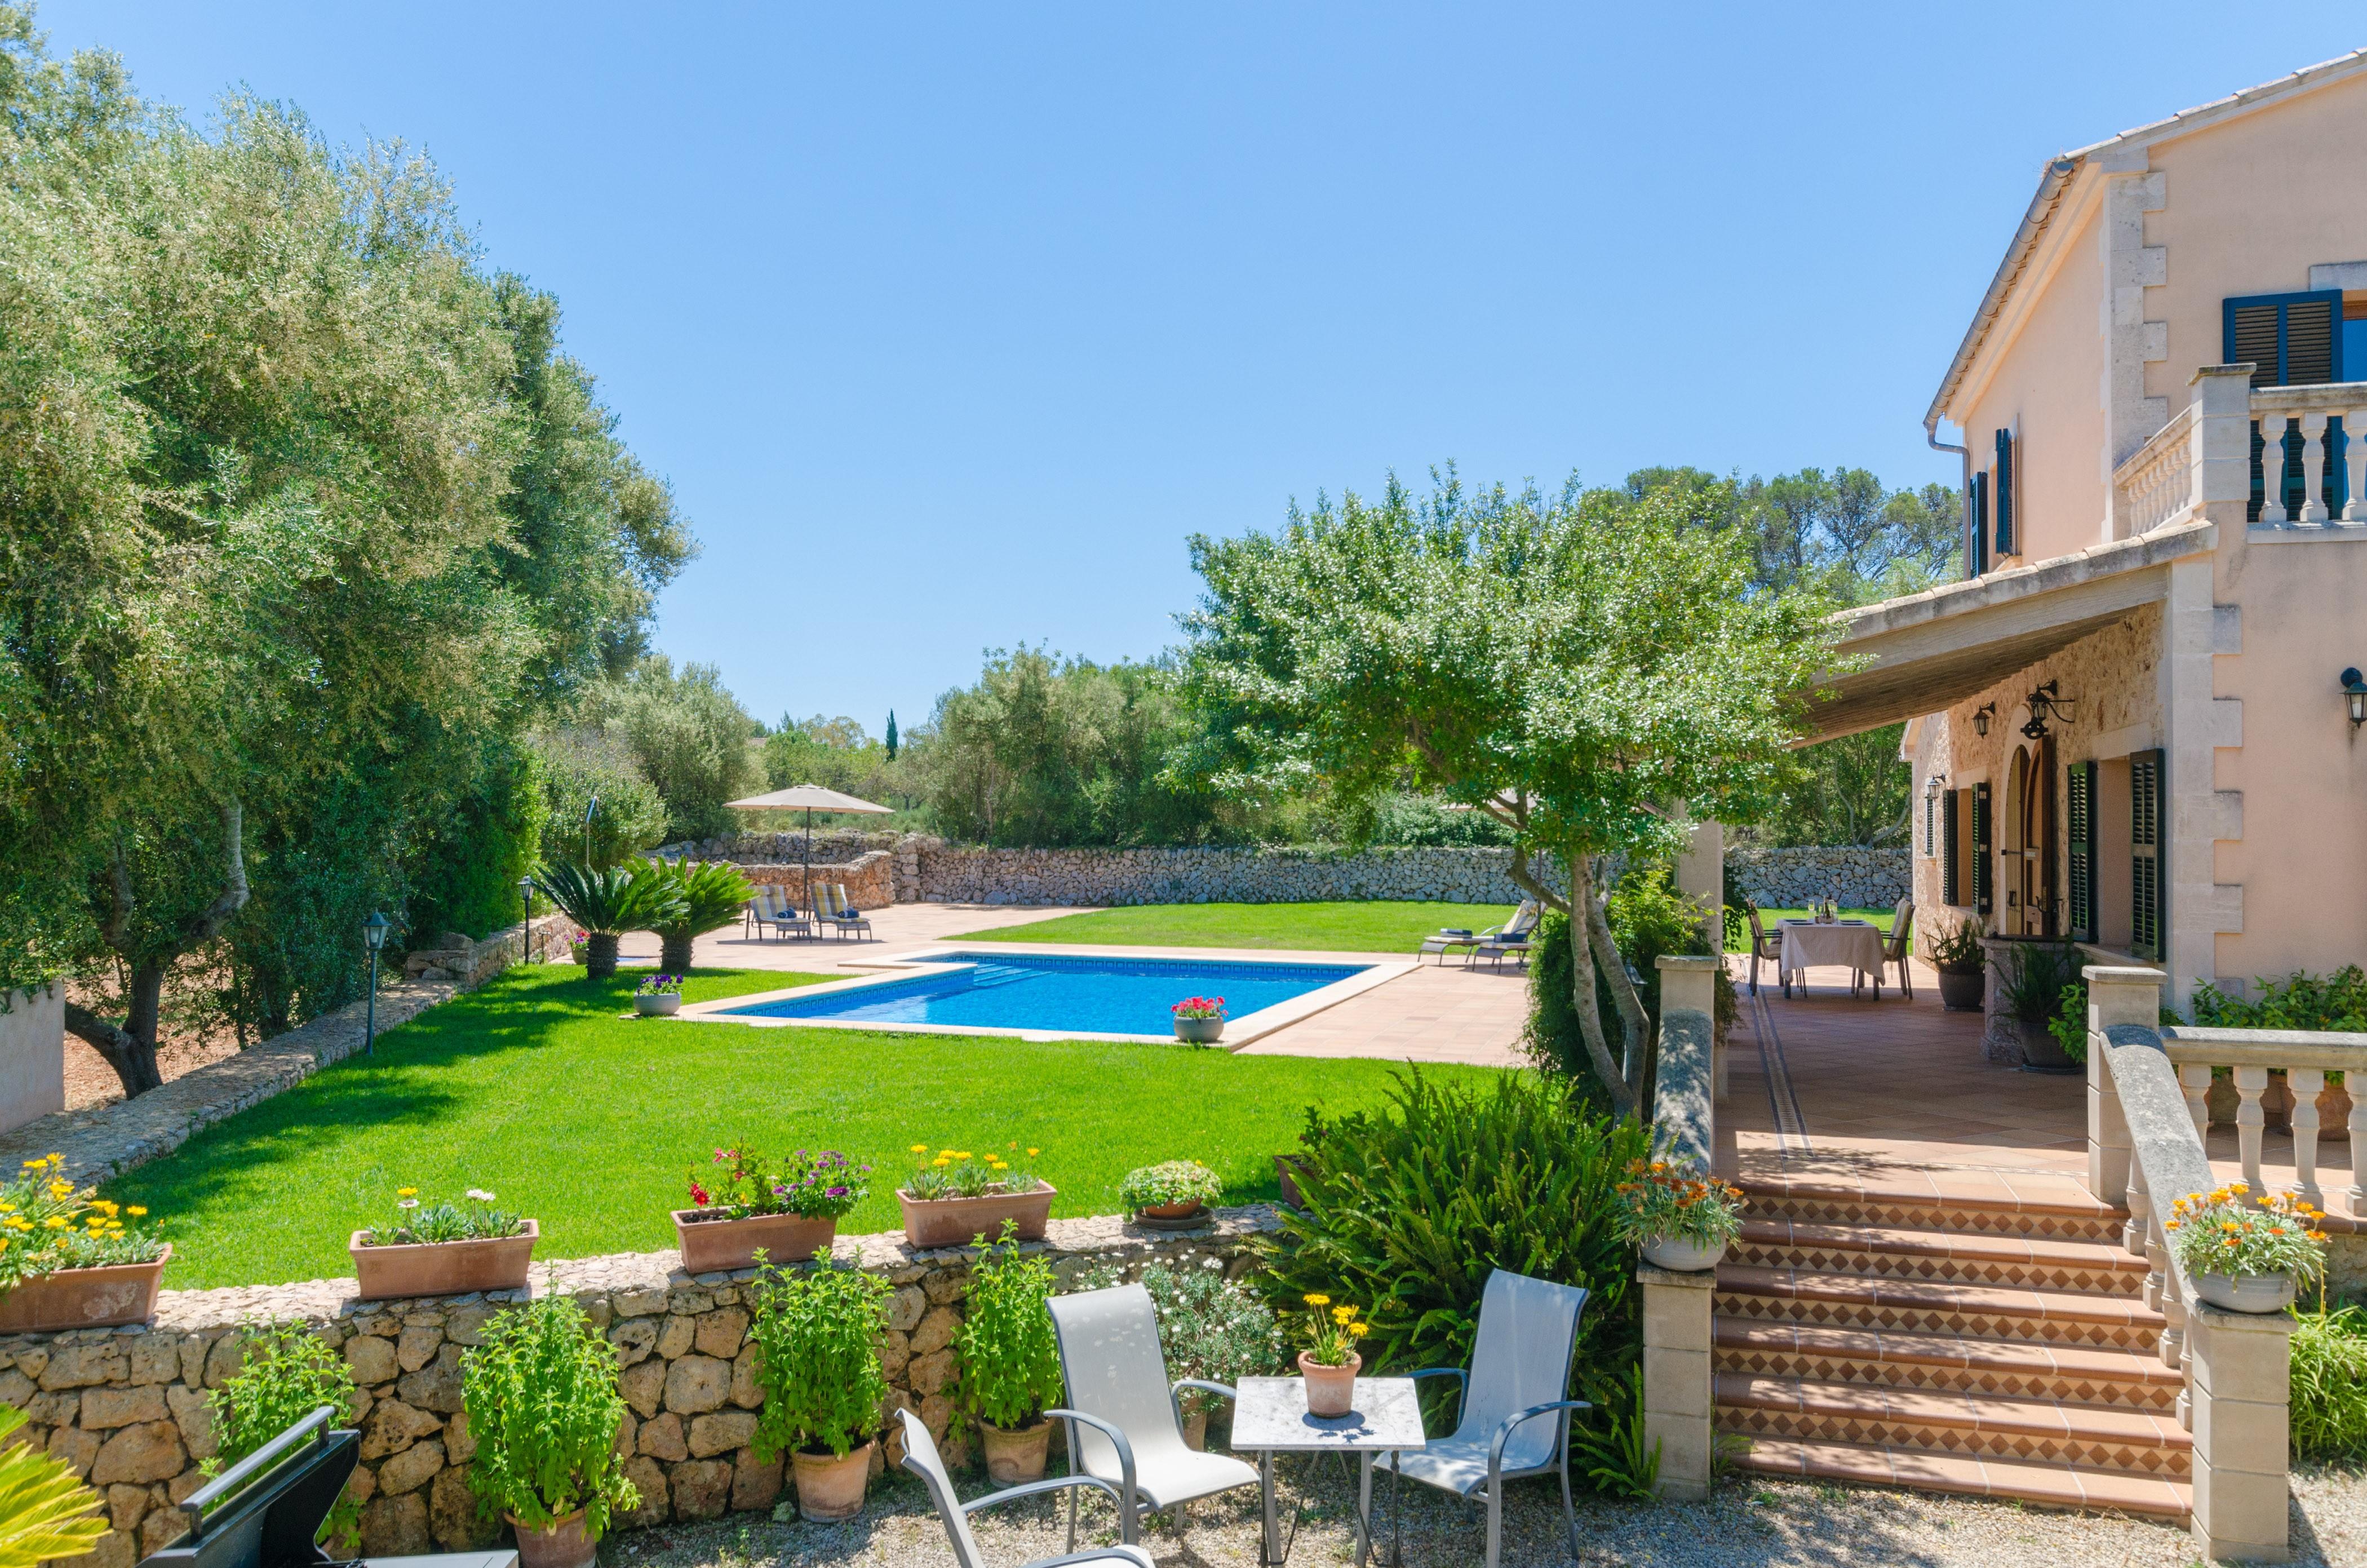 Maison de vacances ES VEDAT (2632993), Lloret de Vistalegre, Majorque, Iles Baléares, Espagne, image 9